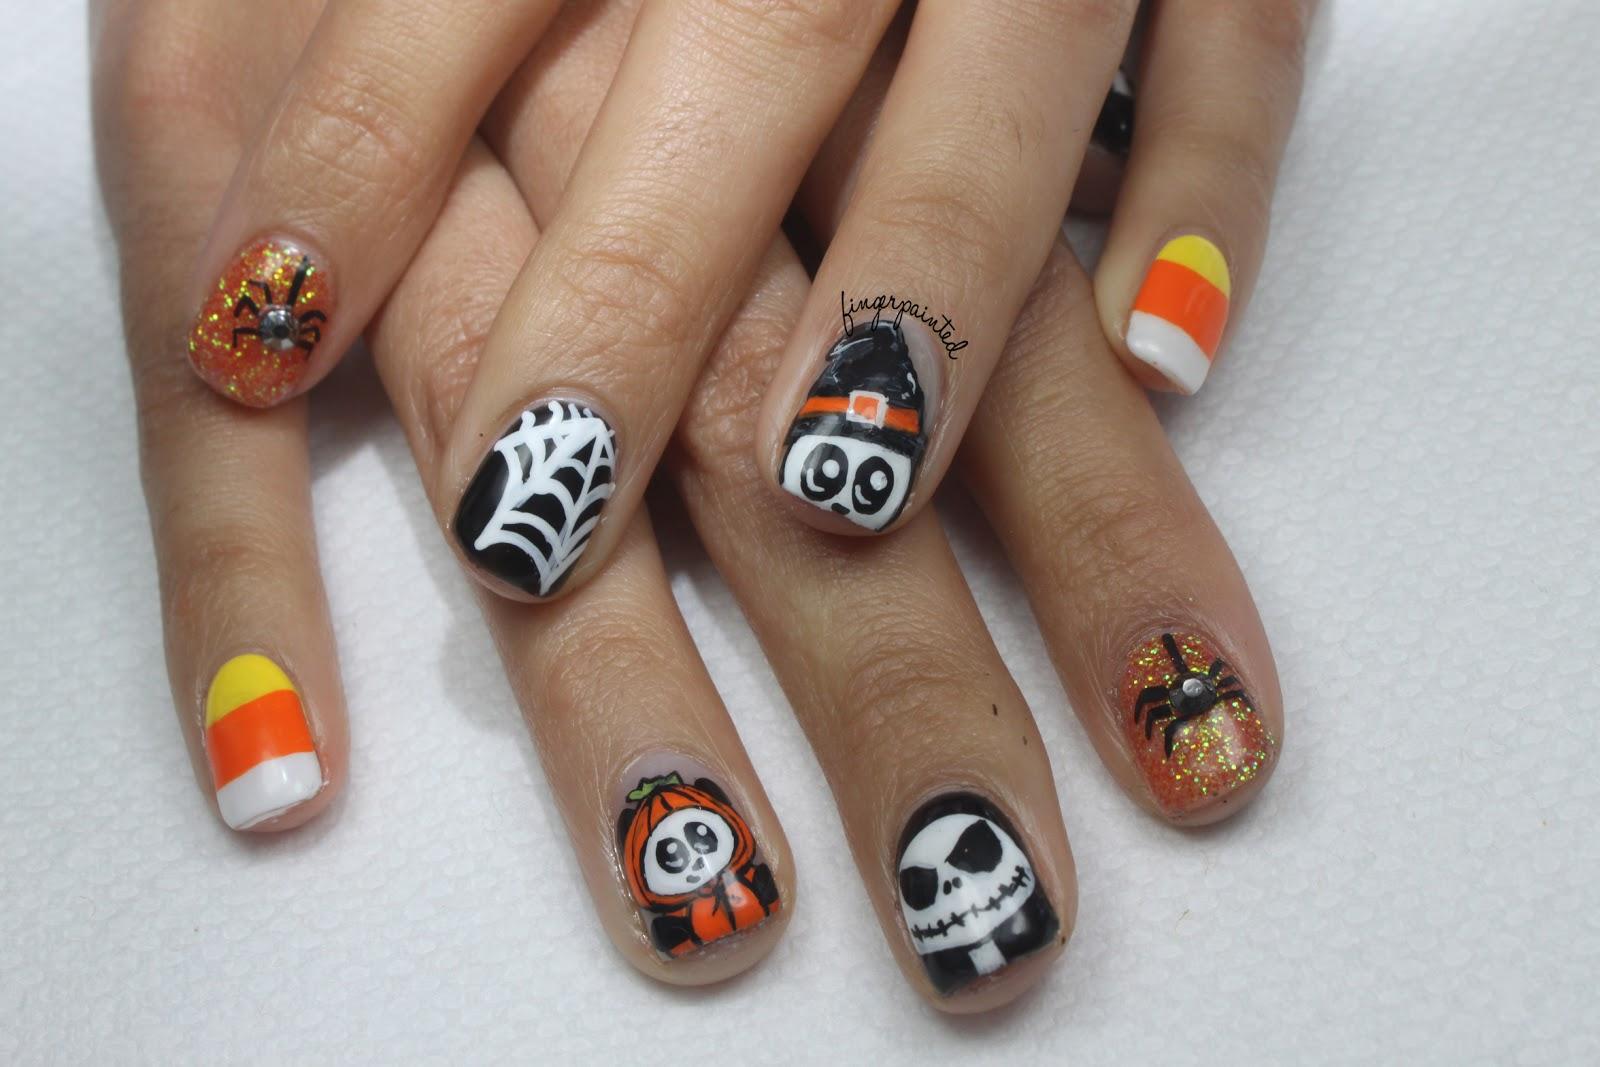 Fantastic Nail Design Halloween Gallery - Nail Art Ideas - morihati.com